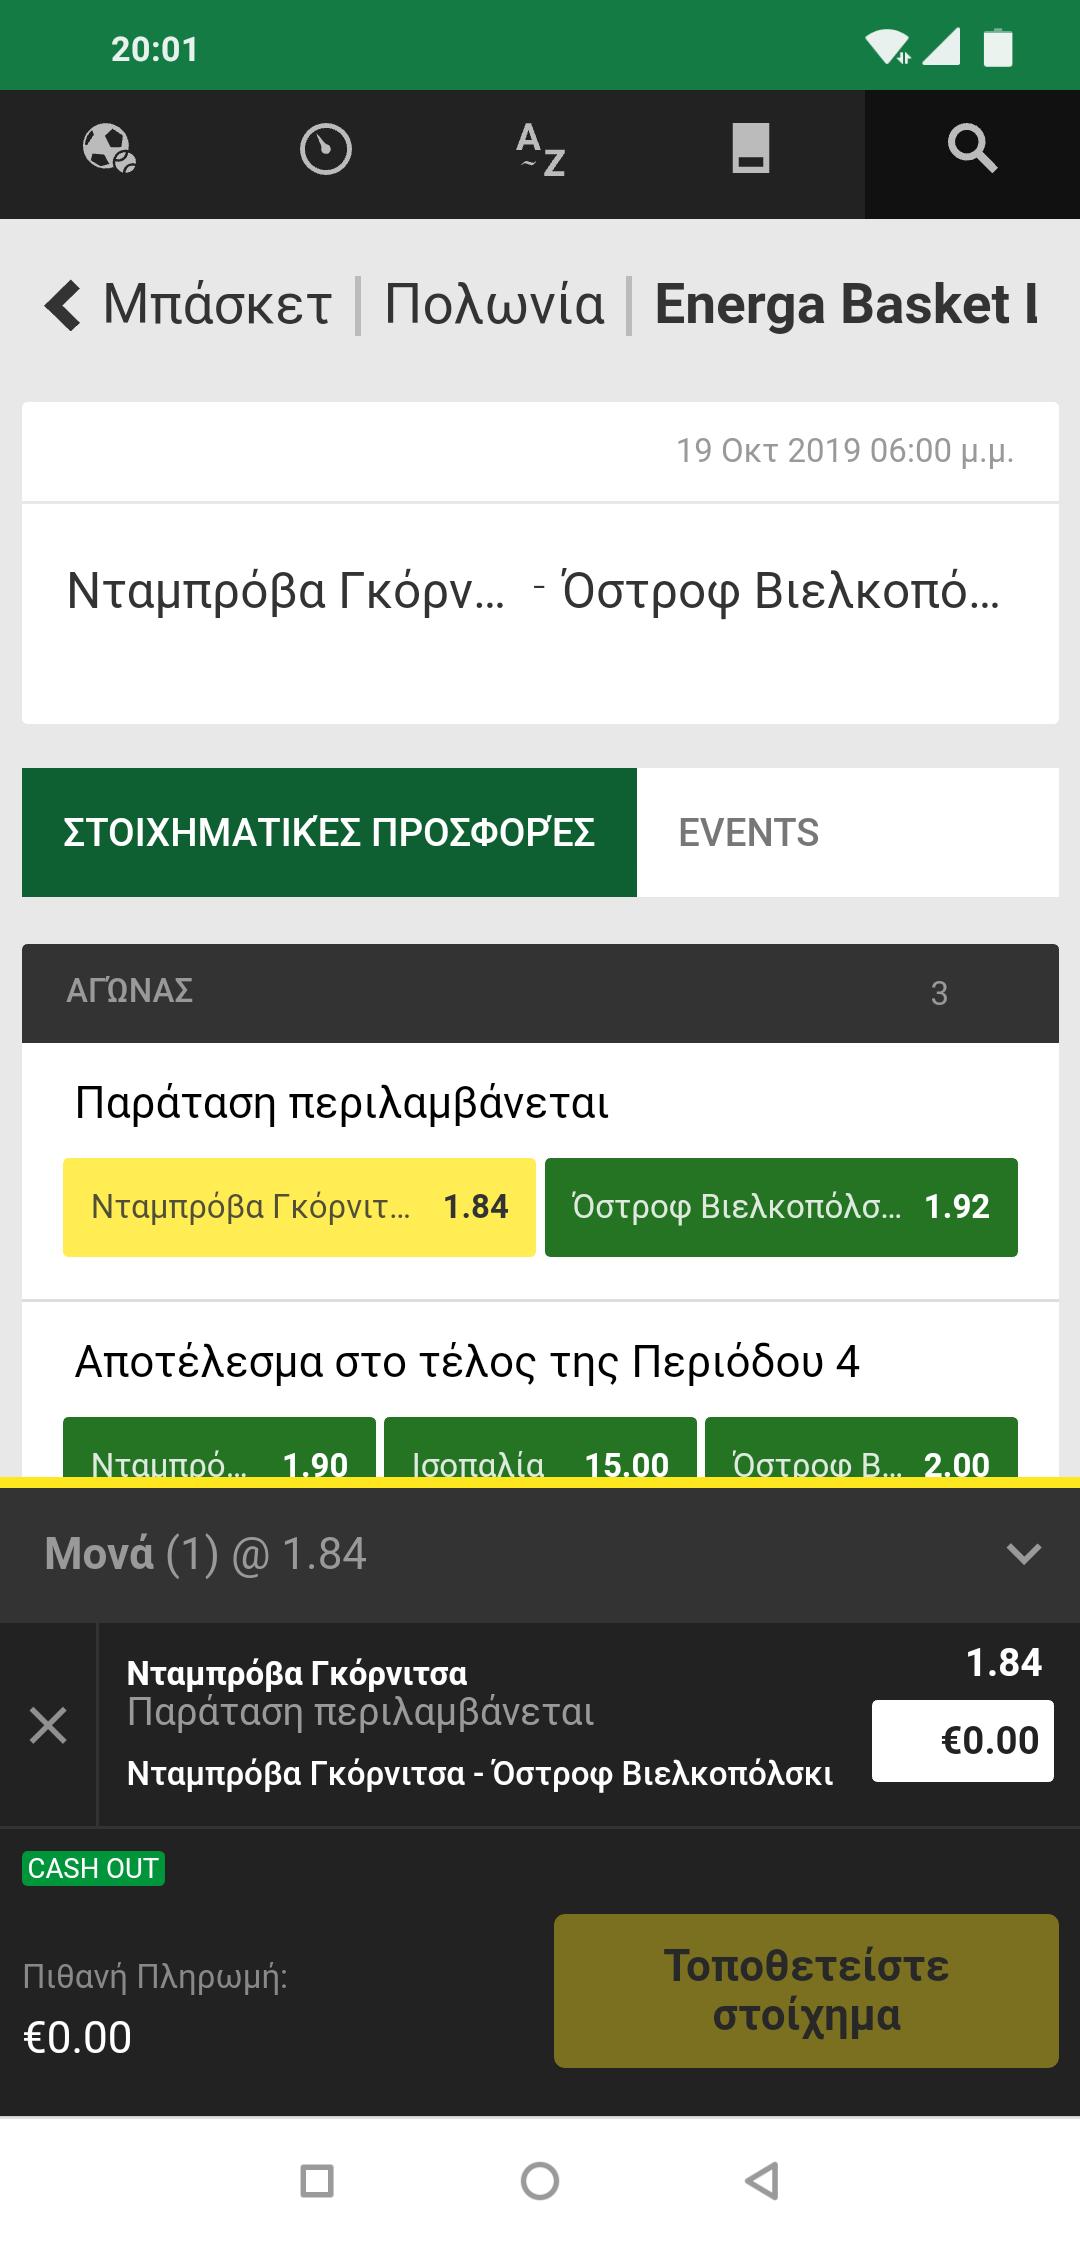 Screenshot_2019-10-14-20-01-01-038_com.android.chrome.png